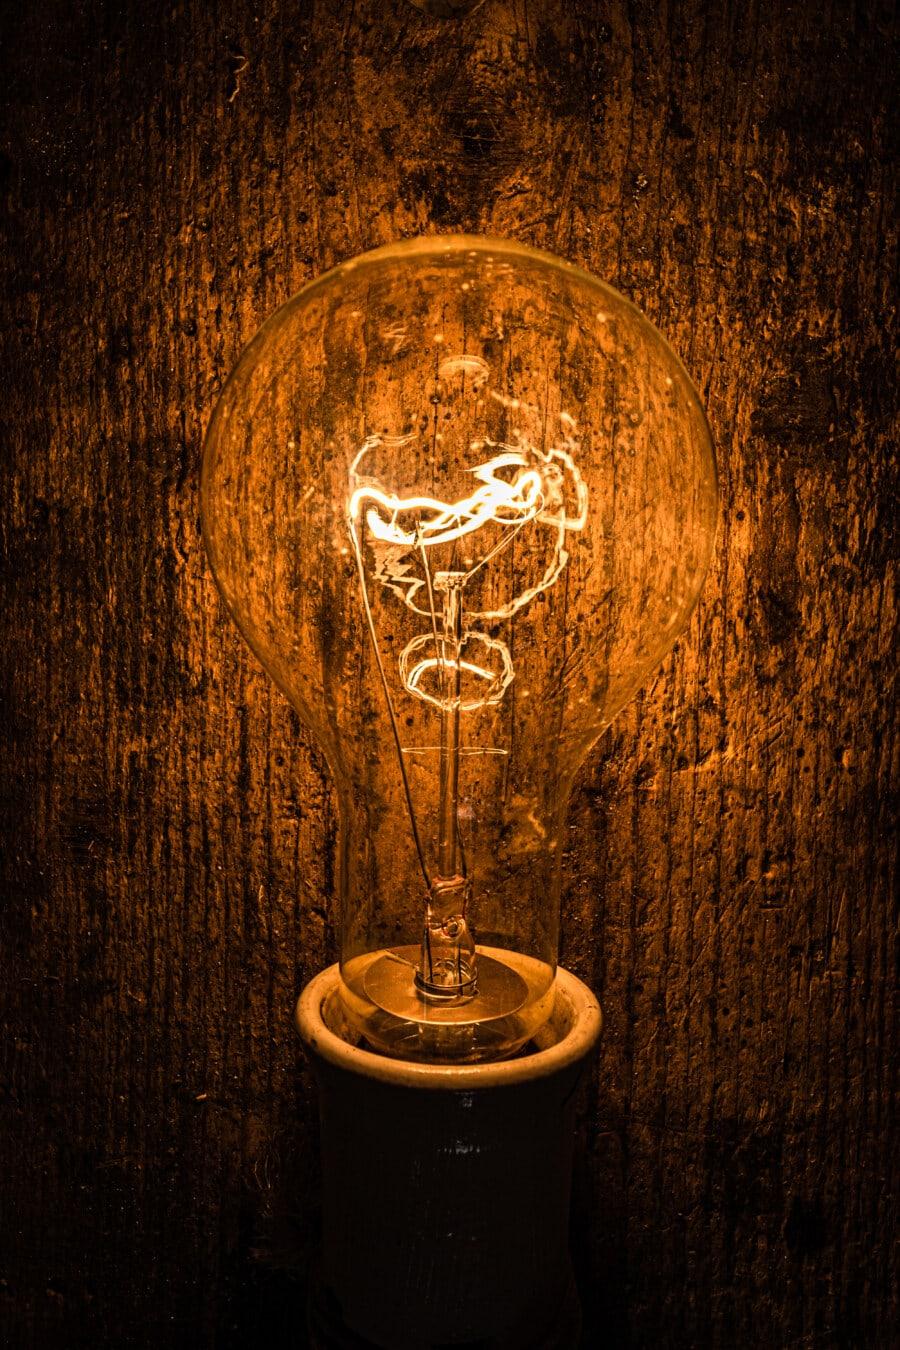 Licht, Glühbirne, hell, Jahrgang, Antike, Filament, Drähte, Erfindung, die Idee der, Dunkel